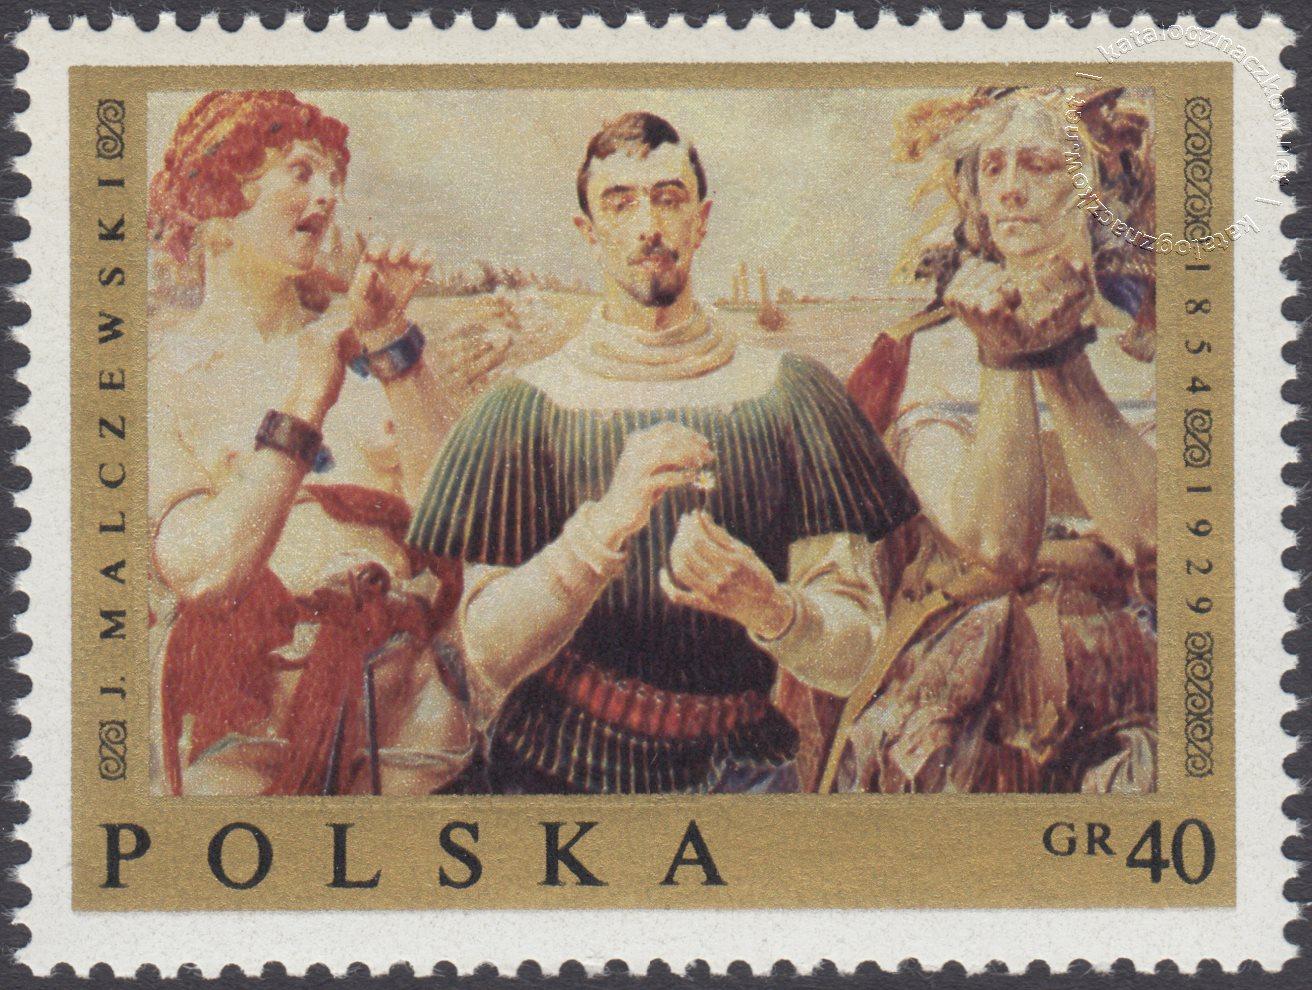 Malarstwo polskie znaczek nr 1795